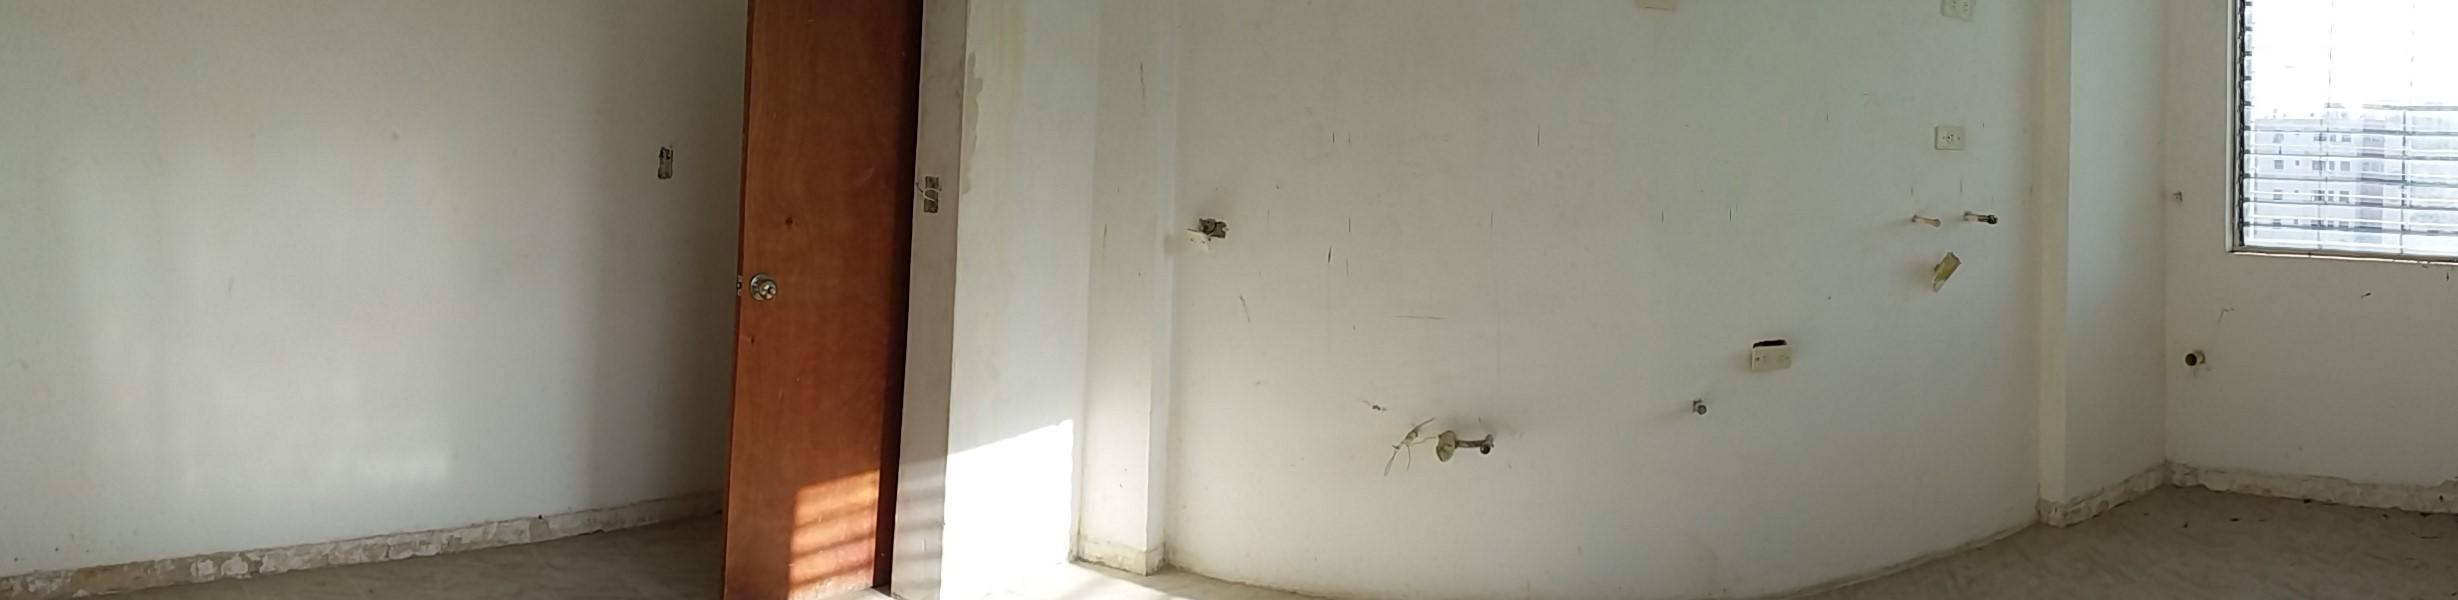 Apartamento Carabobo>Municipio Los Guayos>Paraparal - Venta:6.200 Precio Referencial - codigo: 19-10174